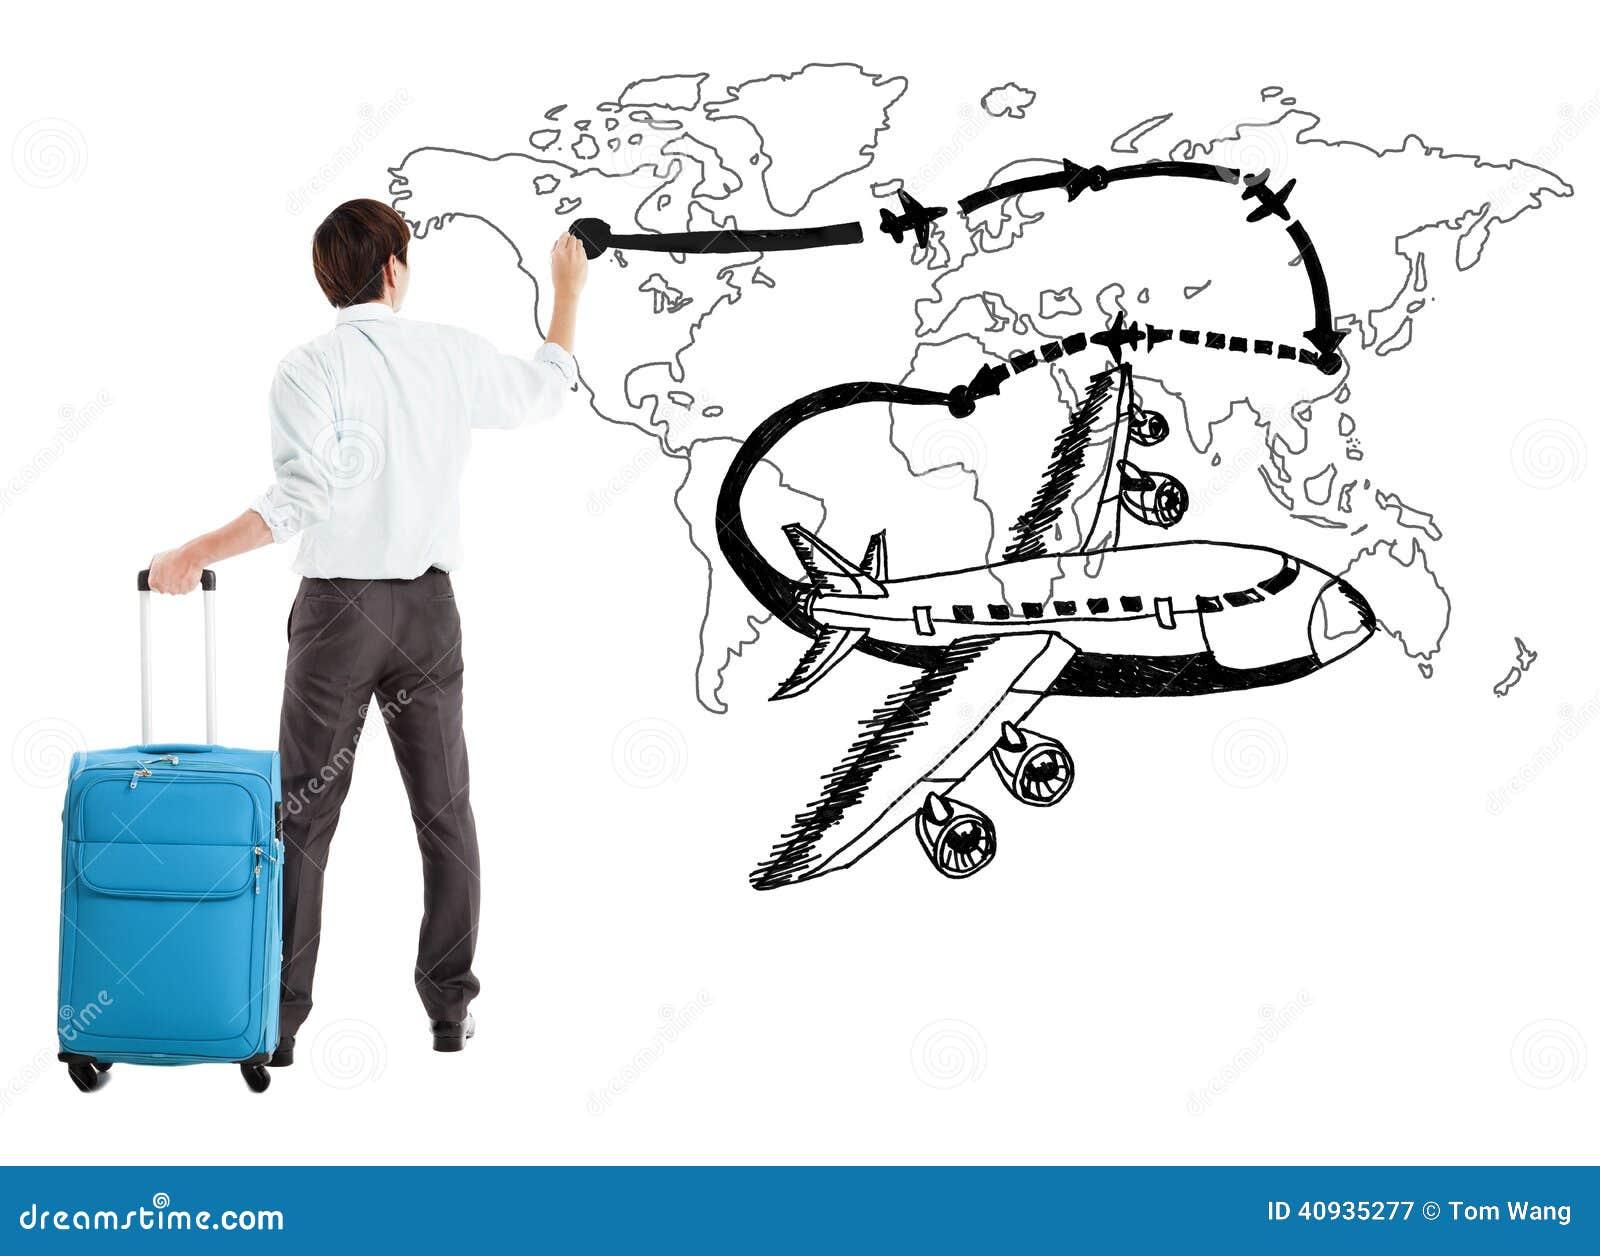 Aeroplano del dibujo del hombre de negocios y trayectoria jovenes de la línea aérea en el mapa